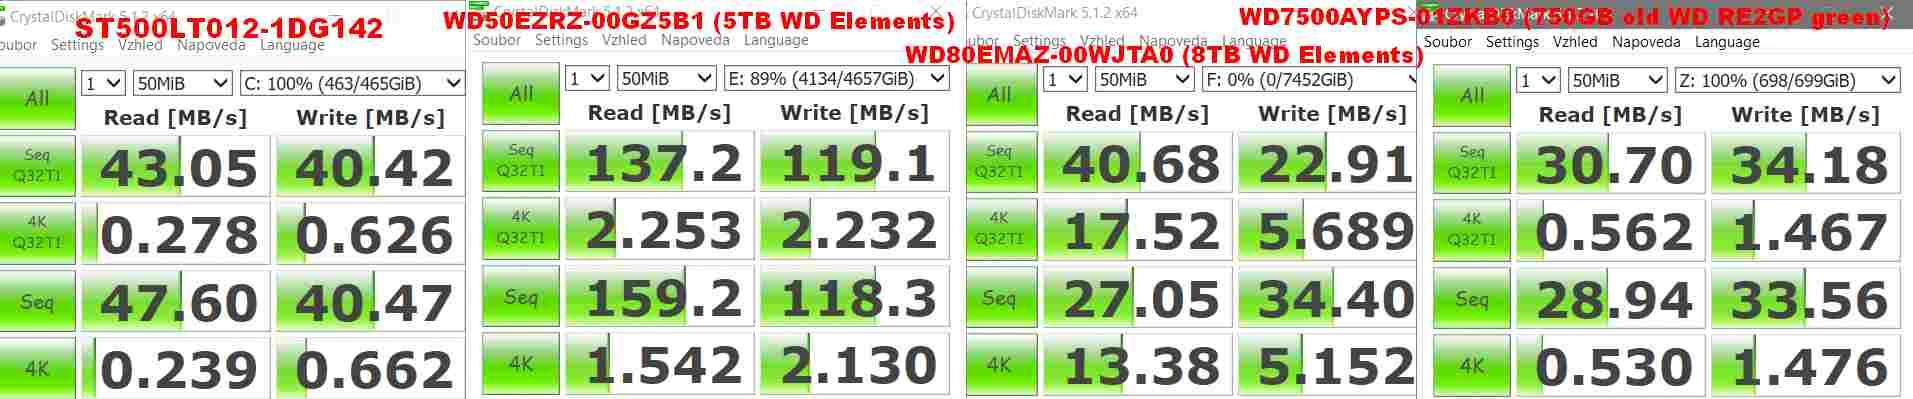 237411_500GBSeagate_5TB_WD_Elements_WD80EMAZ-00WJTA08TB_WD_Elements_750_GB_WD_RE2_GP_Green.jpg